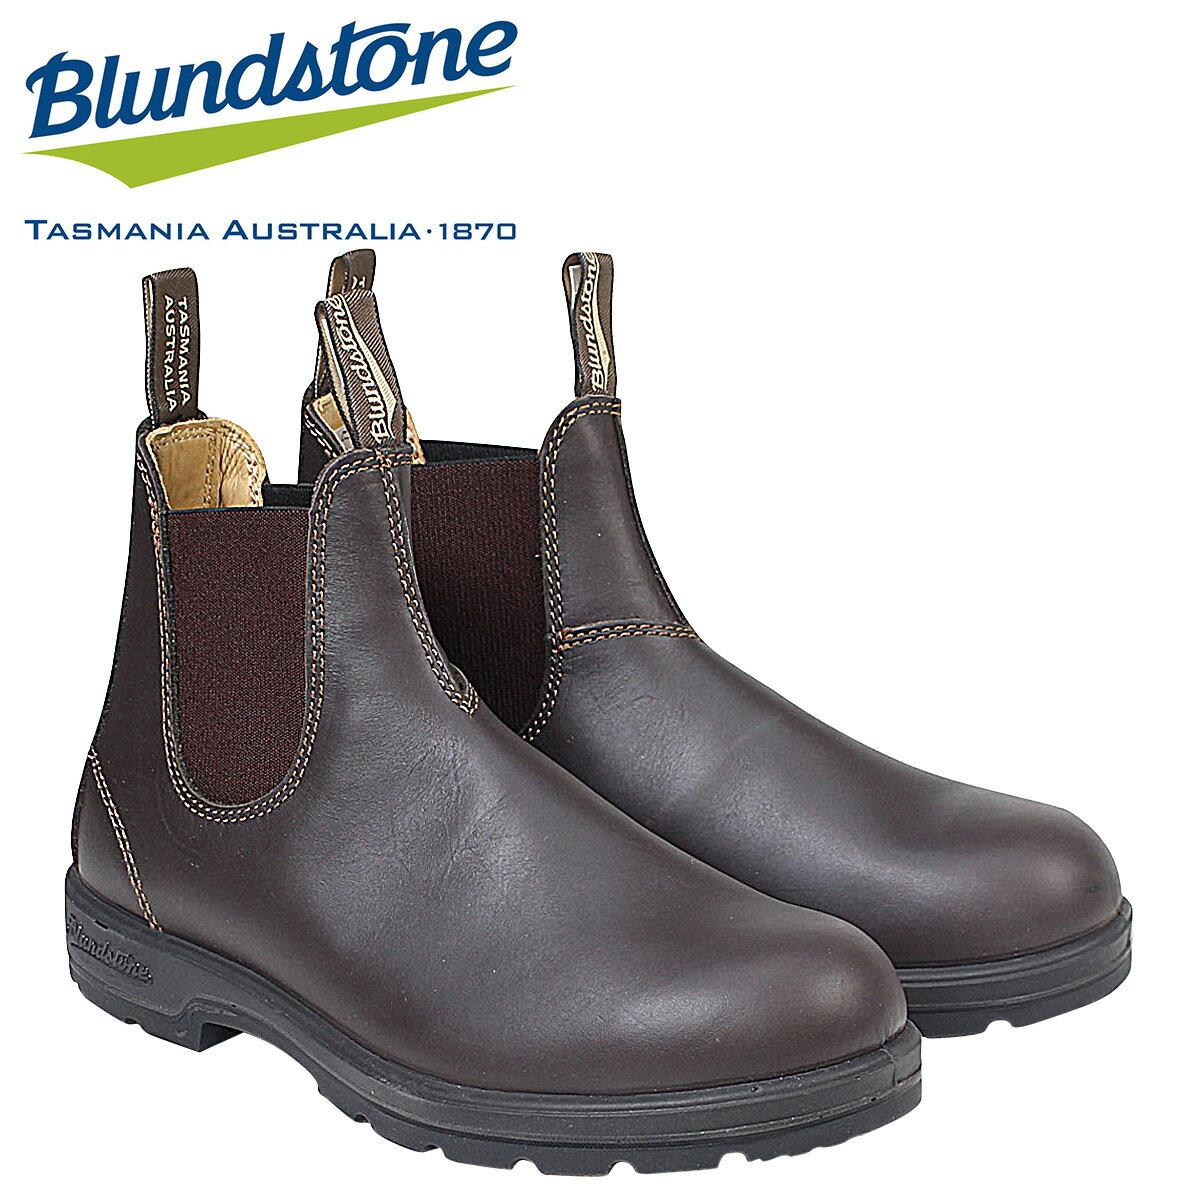 ブランドストーン Blundstone サイドゴア メンズ 550 ブーツ DRESS V CUT BOOTS ブラウン [3/22 追加入荷]